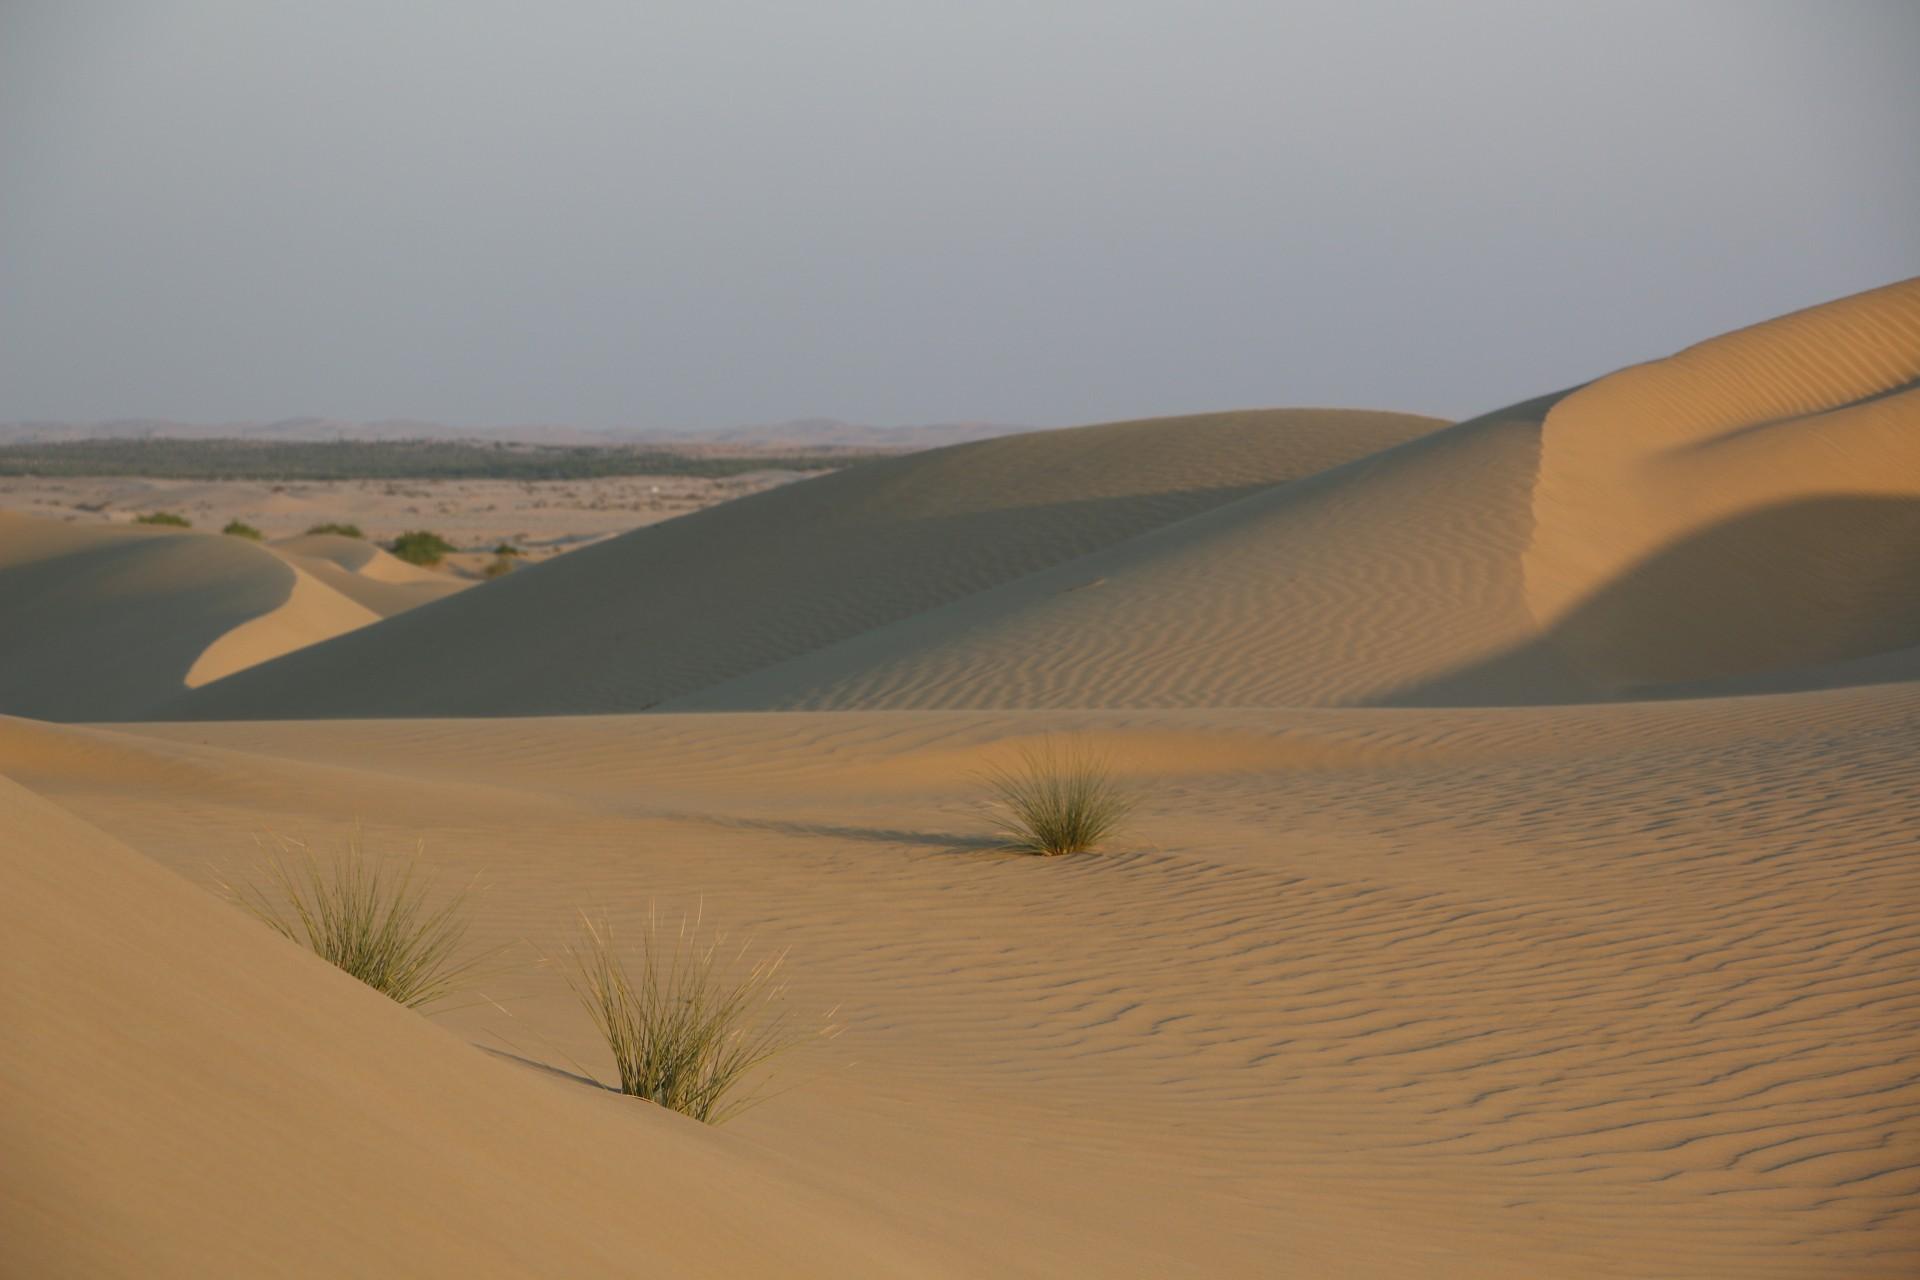 Balade dans le désert.